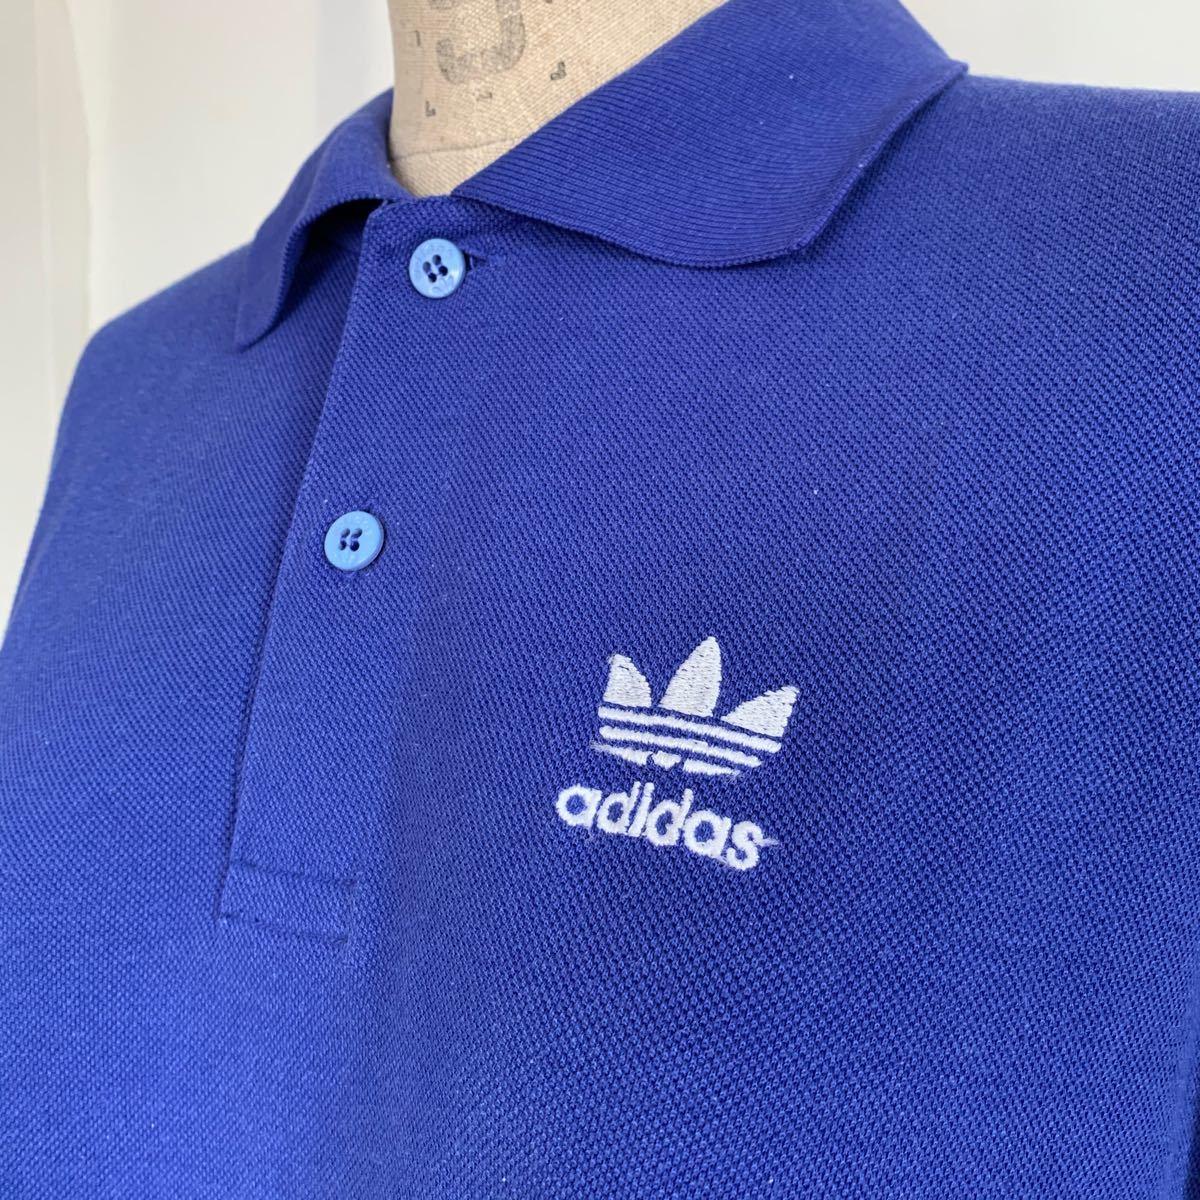 adidas アディダス 90s ロゴ刺繍ポロシャツ